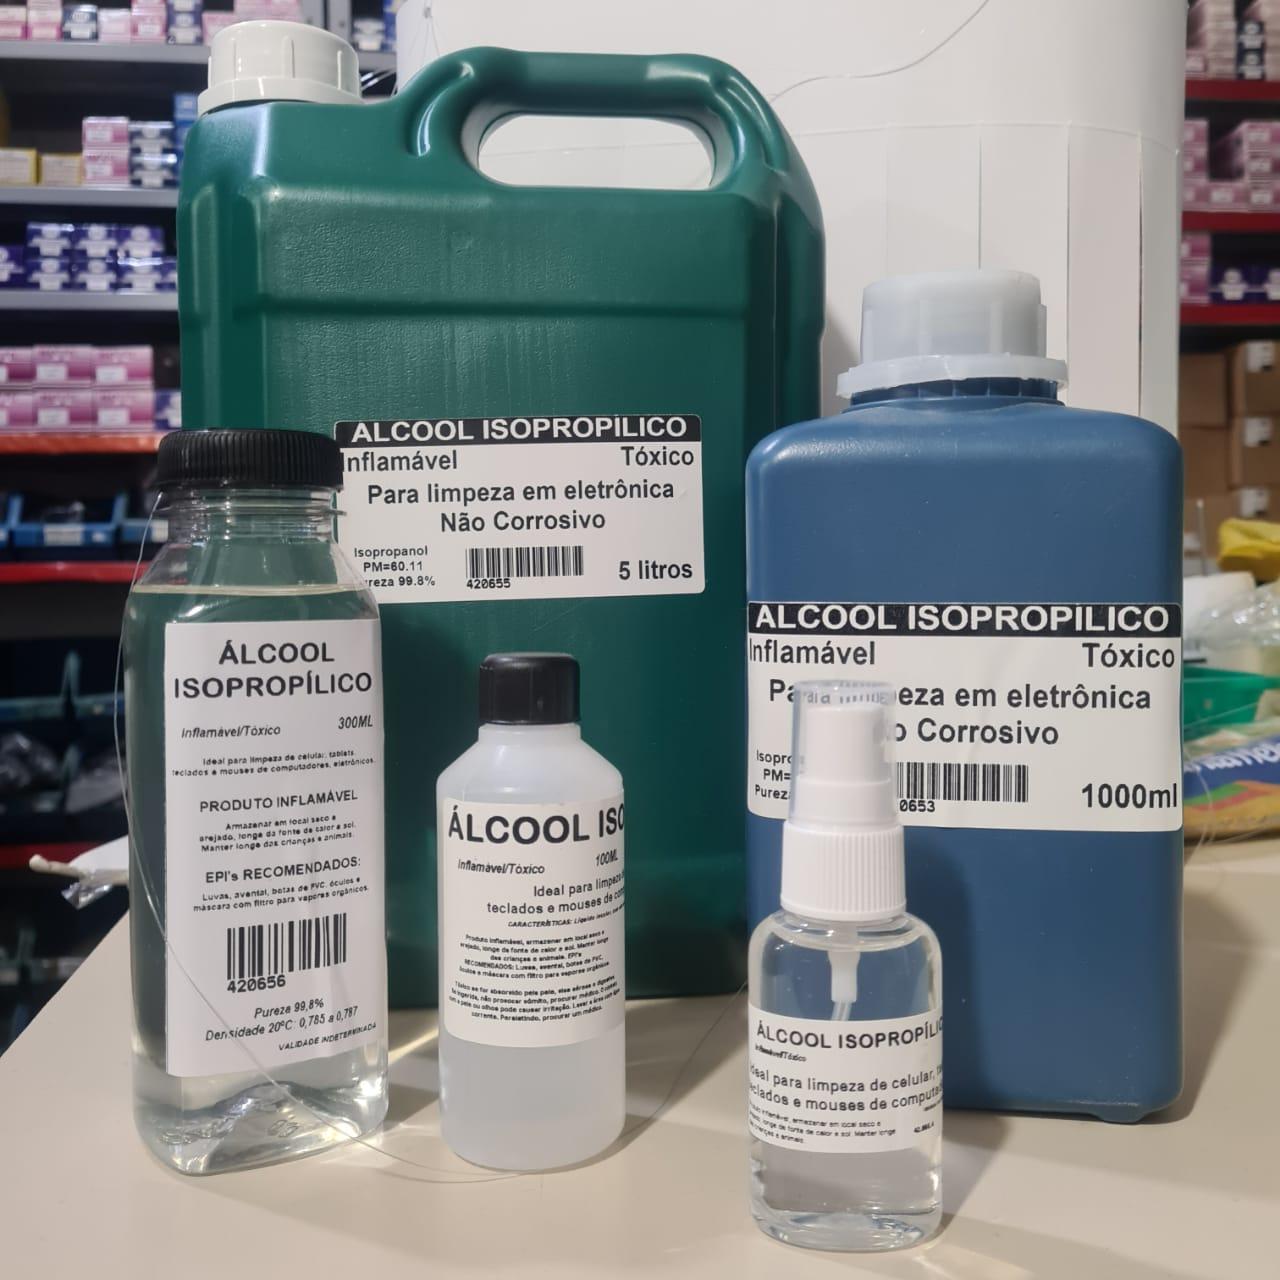 *Alcool Isopropilico 5 litros 42.065.5